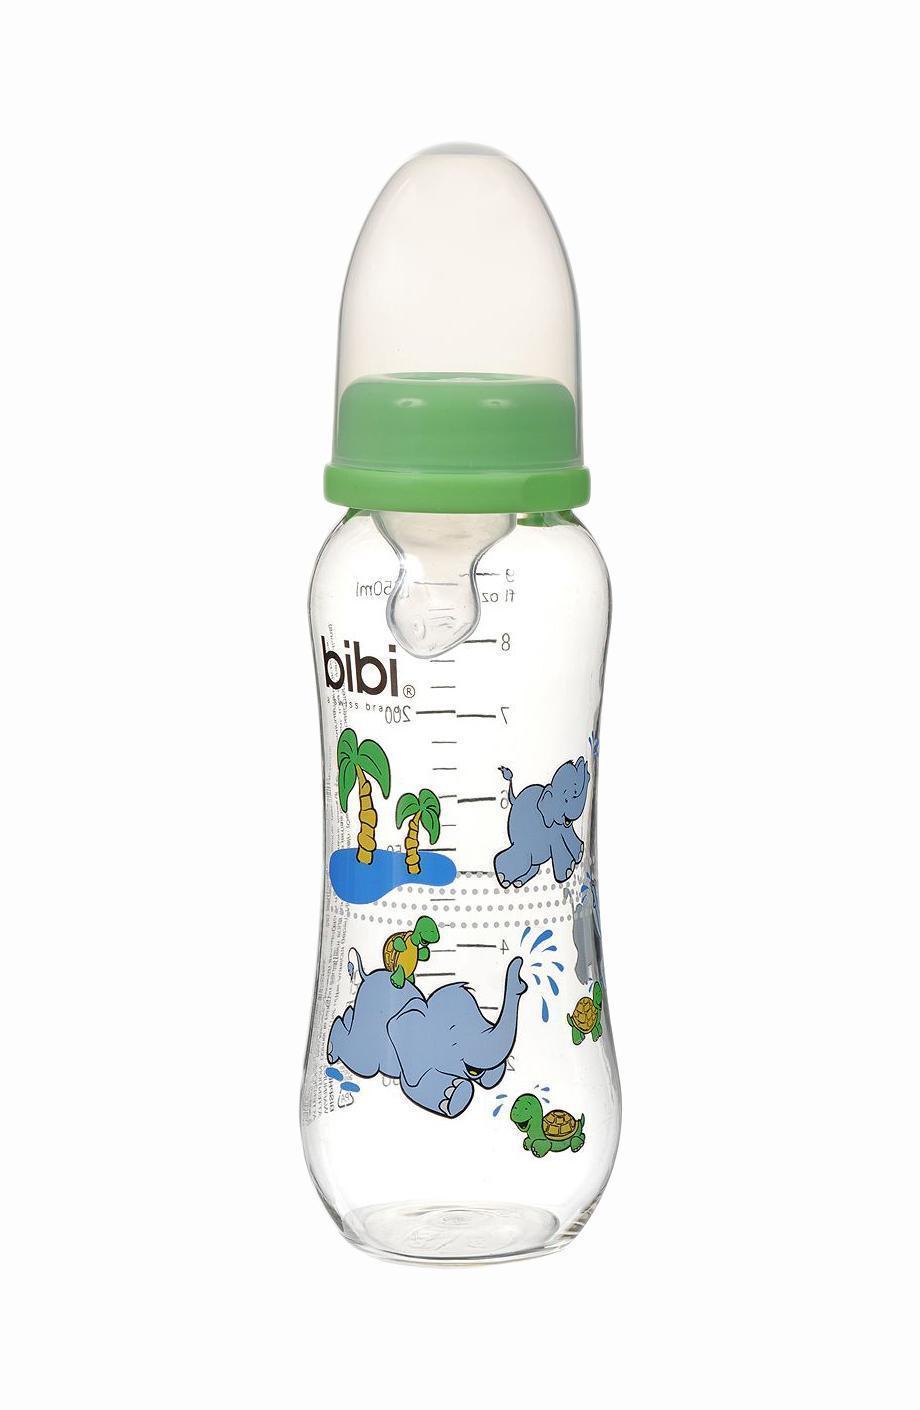 """Бутылочка для кормления """"Bibi"""", с силиконовой соской, от 0 месяцев, цвет: салатовый, 250 мл"""